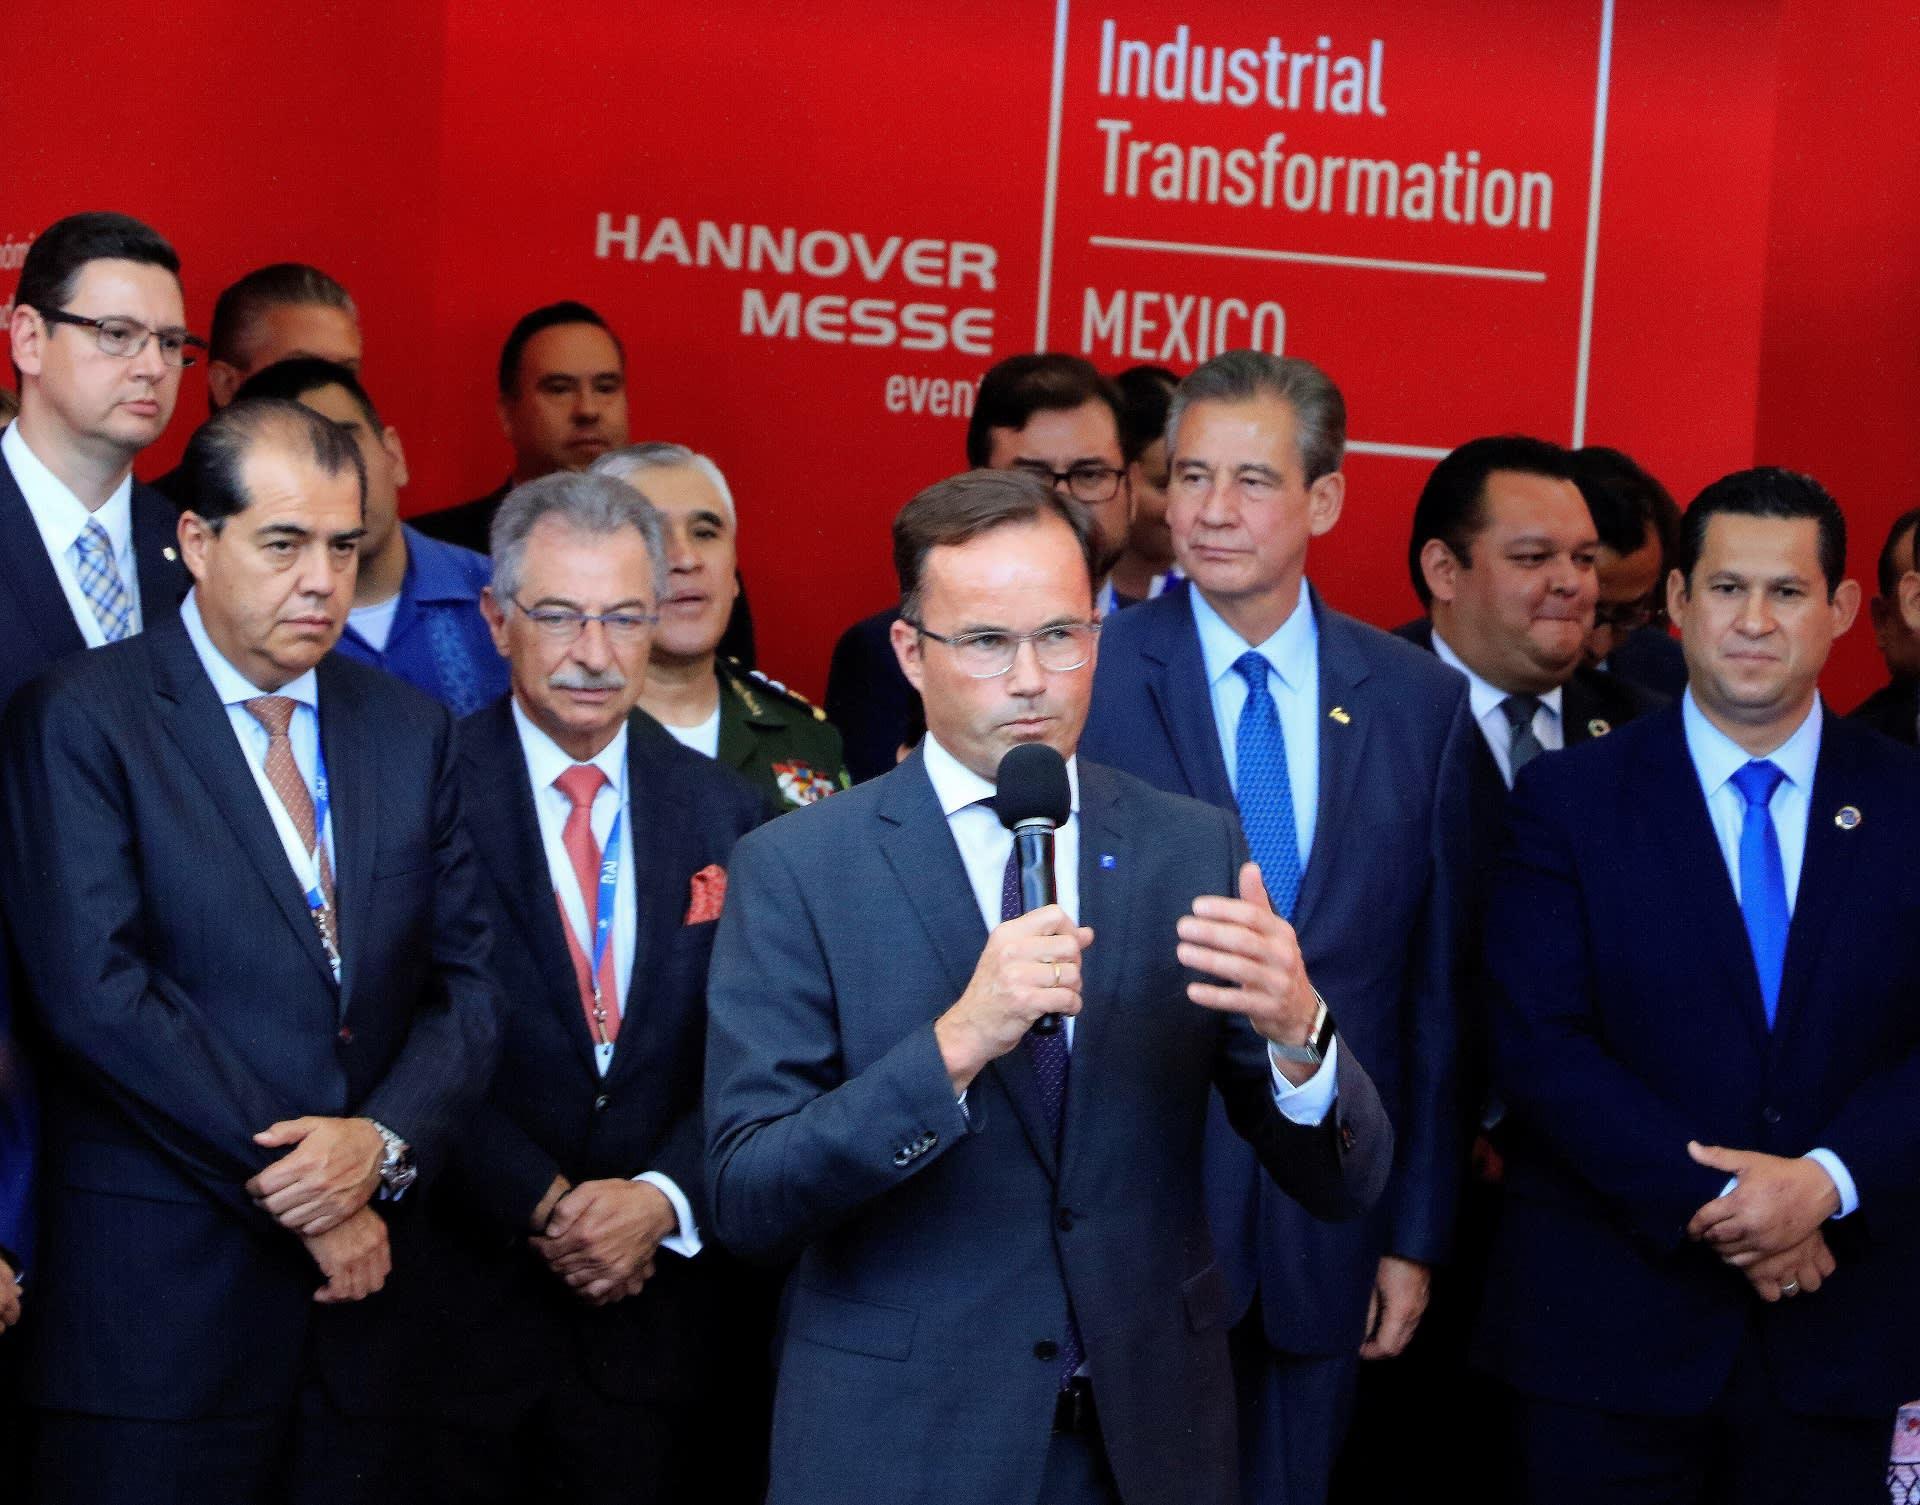 Saksan Messujen hallintoneuvoston puheenjohtaja Jochen Kockler ja Latinalaisen Amerikan yritysjohtajia.